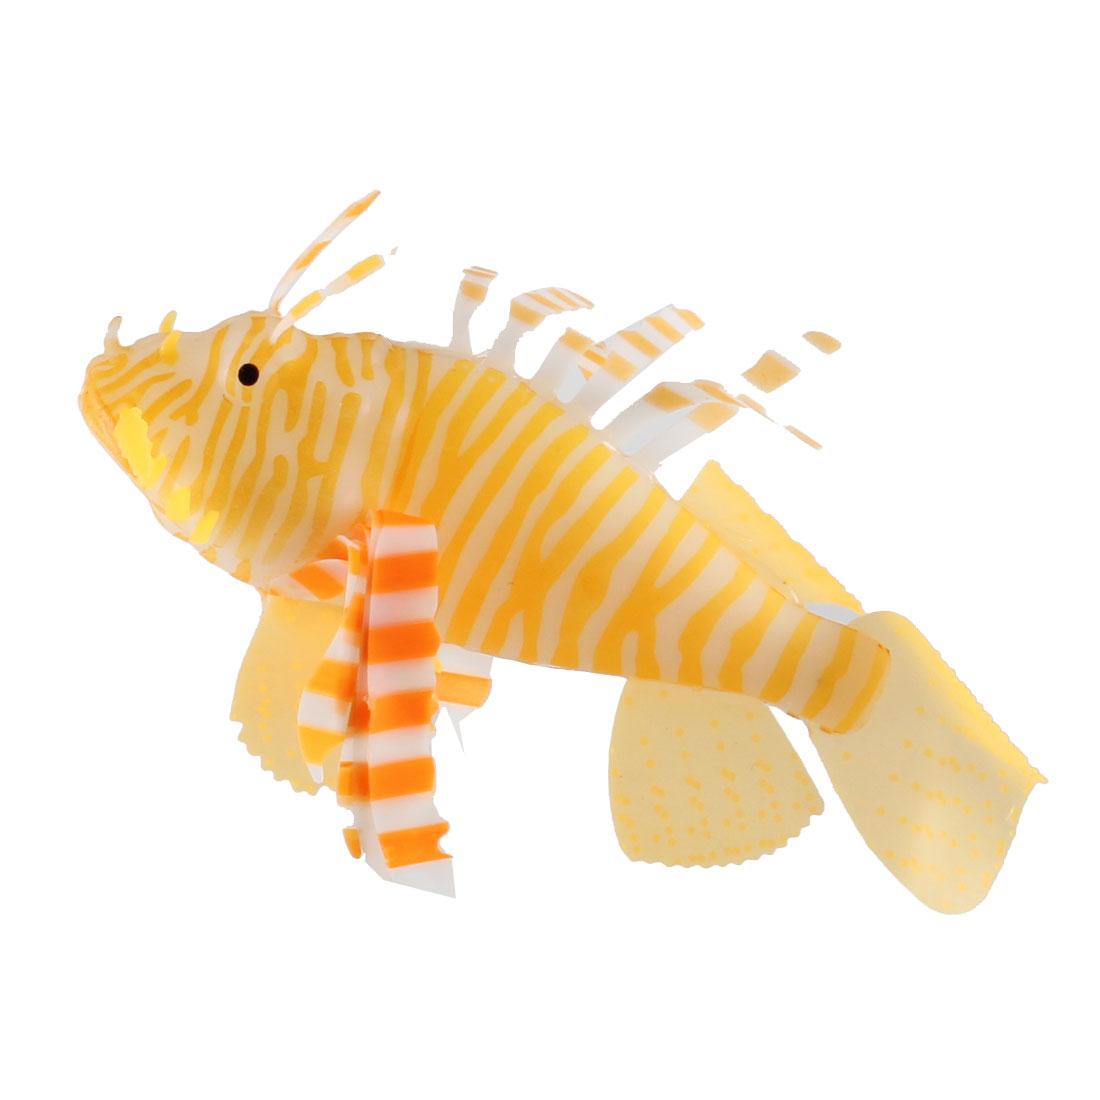 Aquarium White Orange Plastic Swing Tail Tropical Fish Decor w Suction Cup